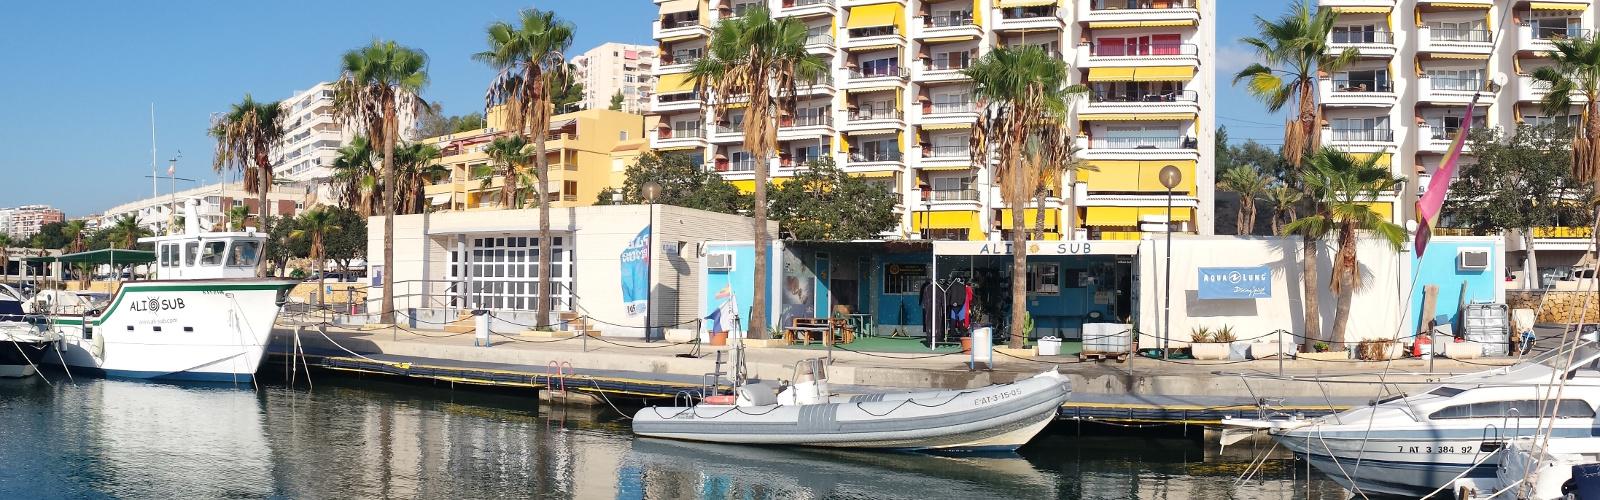 Ali-sub diving centre in Villajoiosa